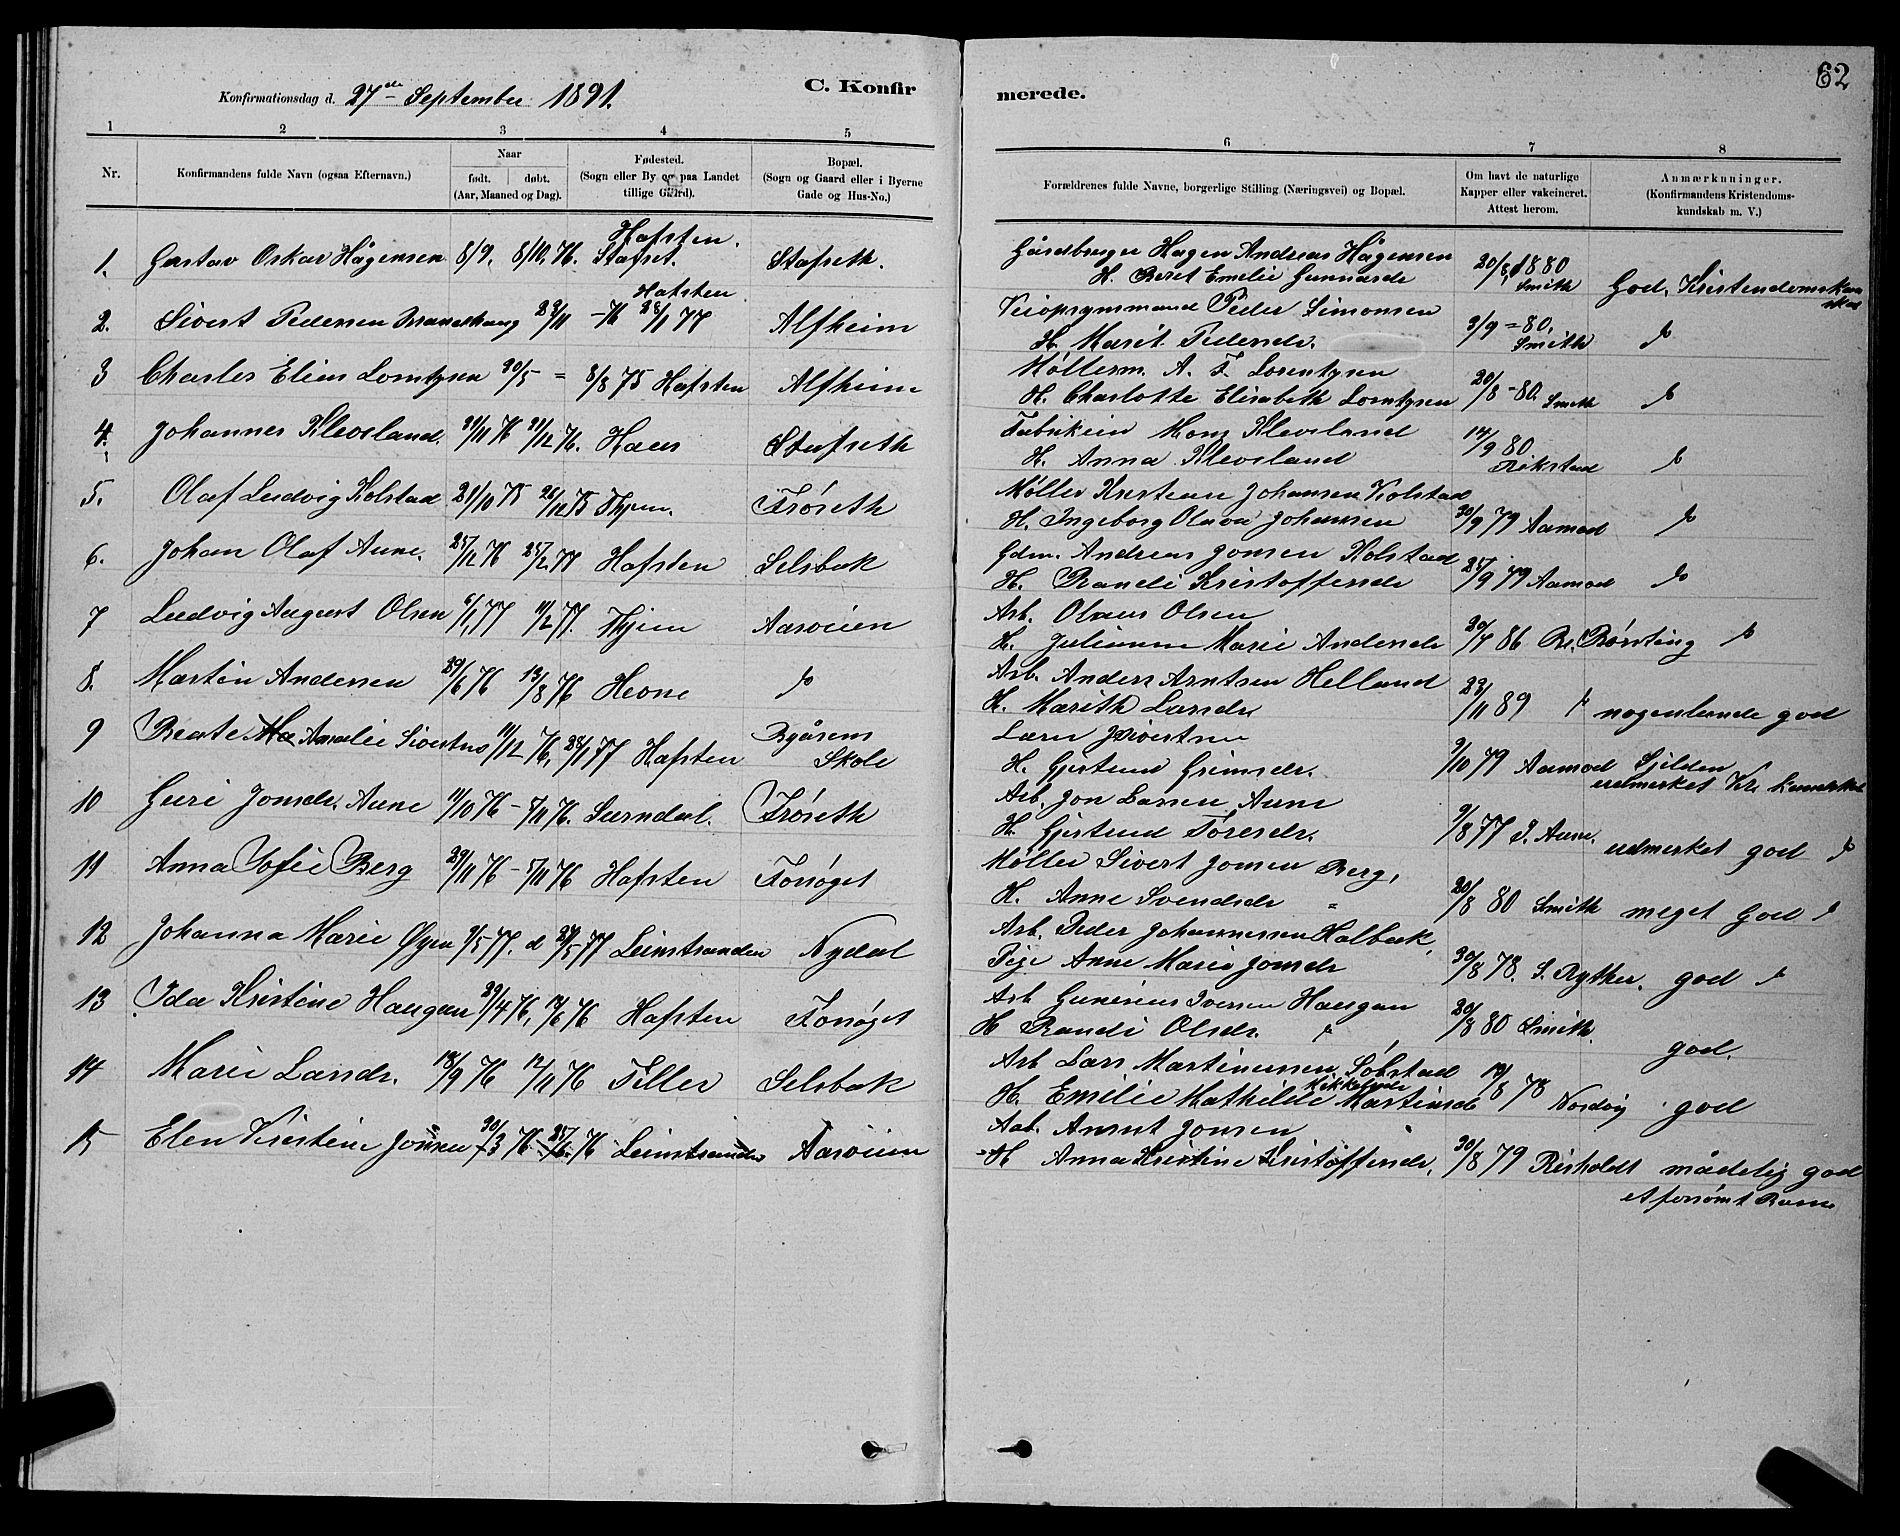 SAT, Ministerialprotokoller, klokkerbøker og fødselsregistre - Sør-Trøndelag, 611/L0354: Klokkerbok nr. 611C02, 1881-1896, s. 62